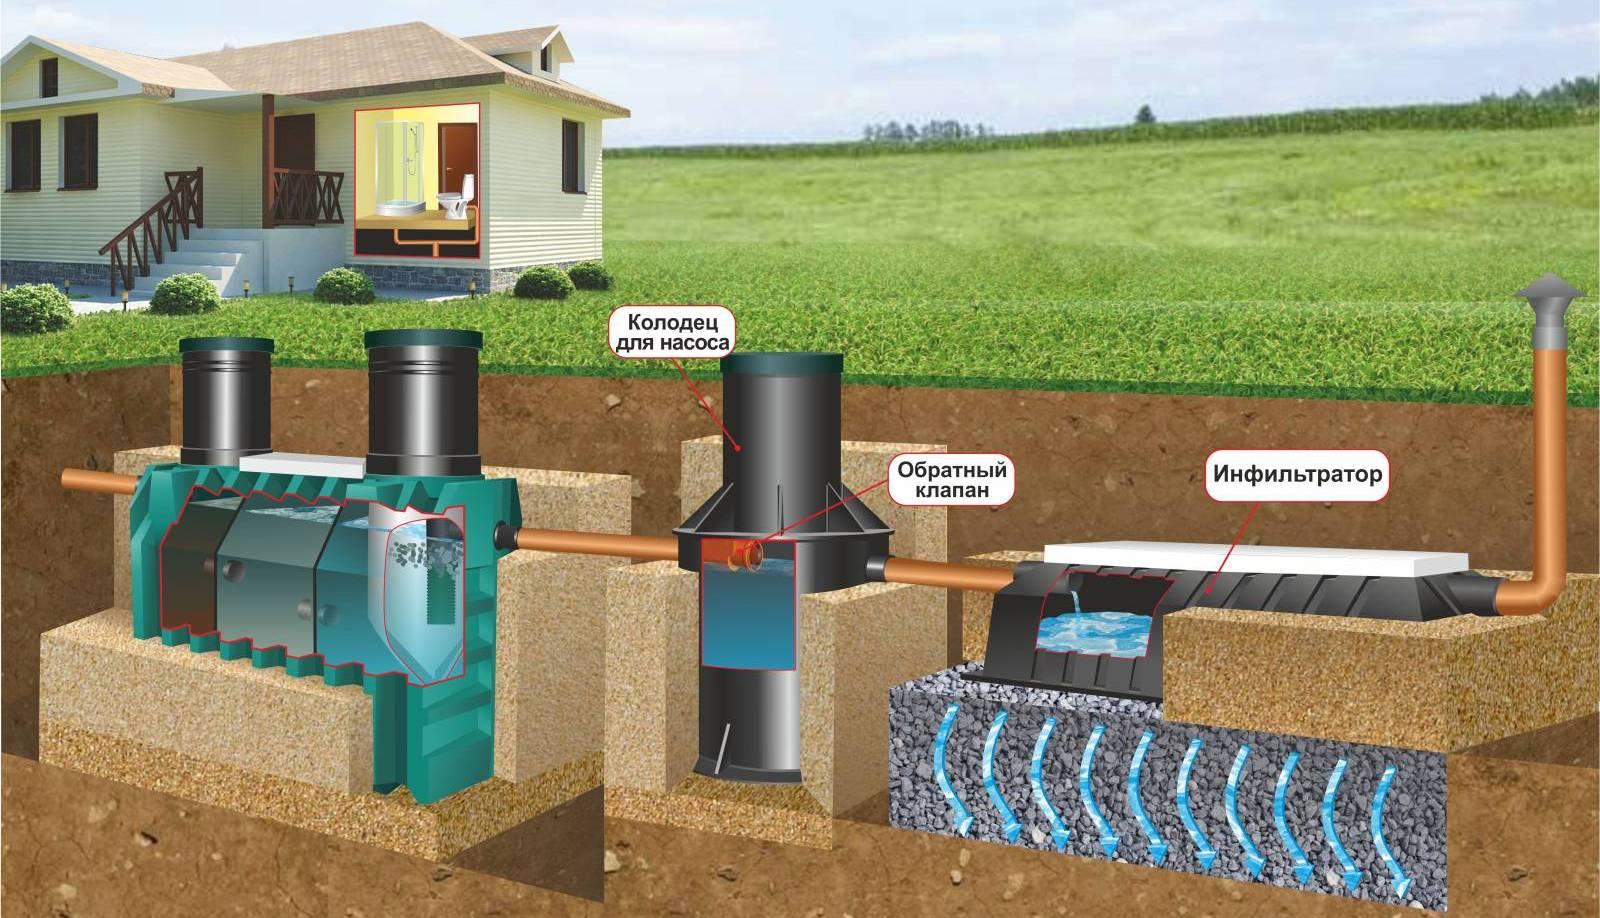 Изготовление под ключ пластиковых трех-секционных септиков, из которых выходит чистая вода